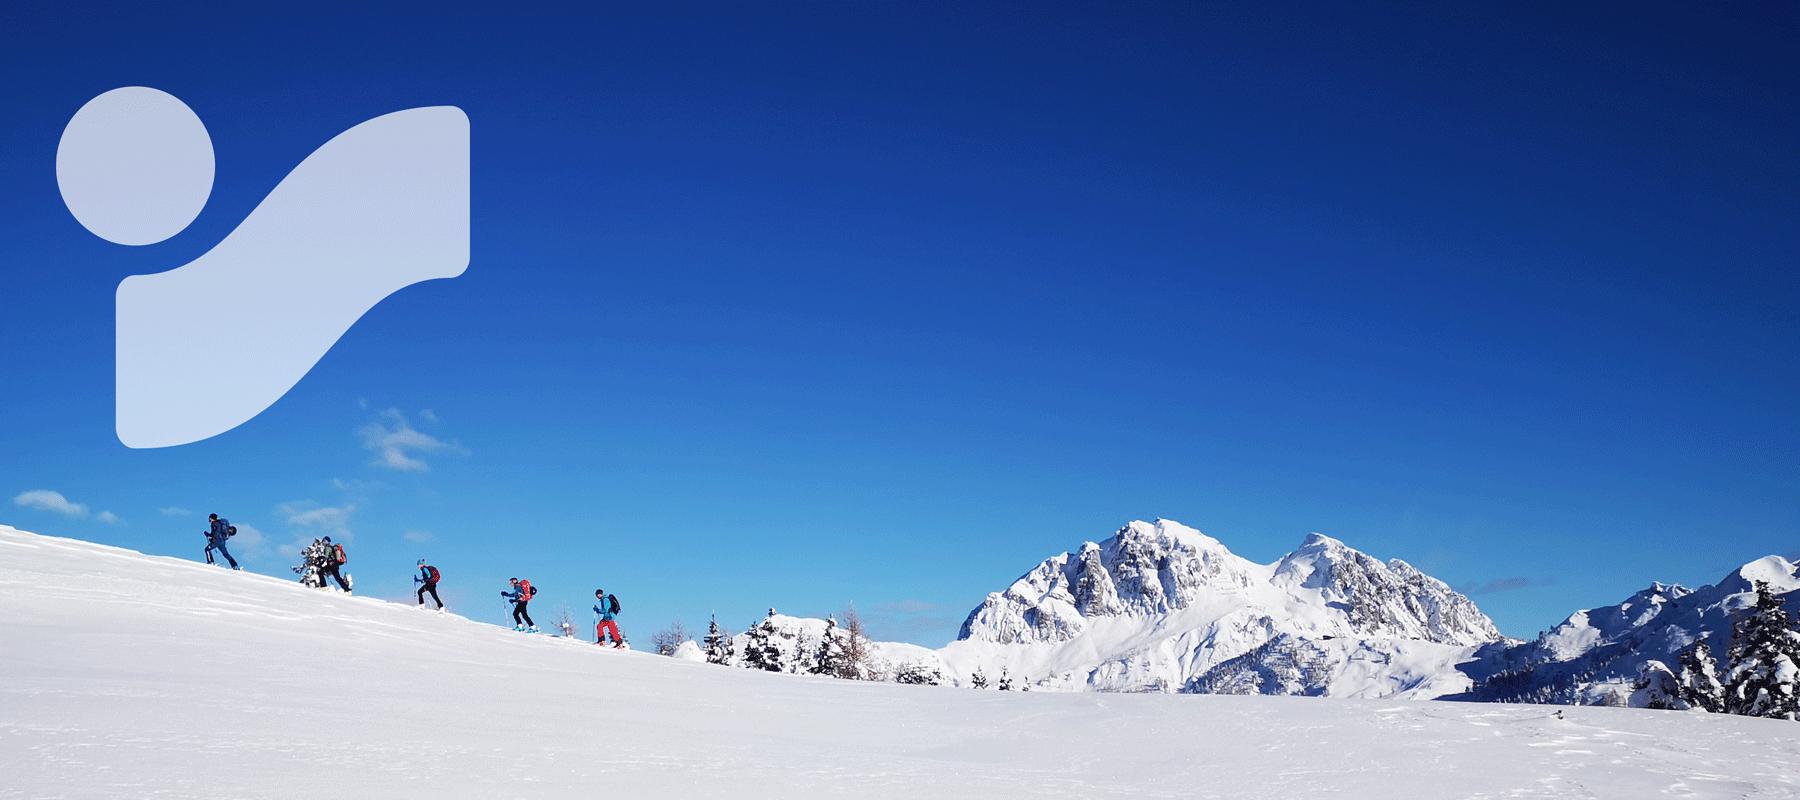 Skitouren Sonnenskilauf Nassfeld Ski